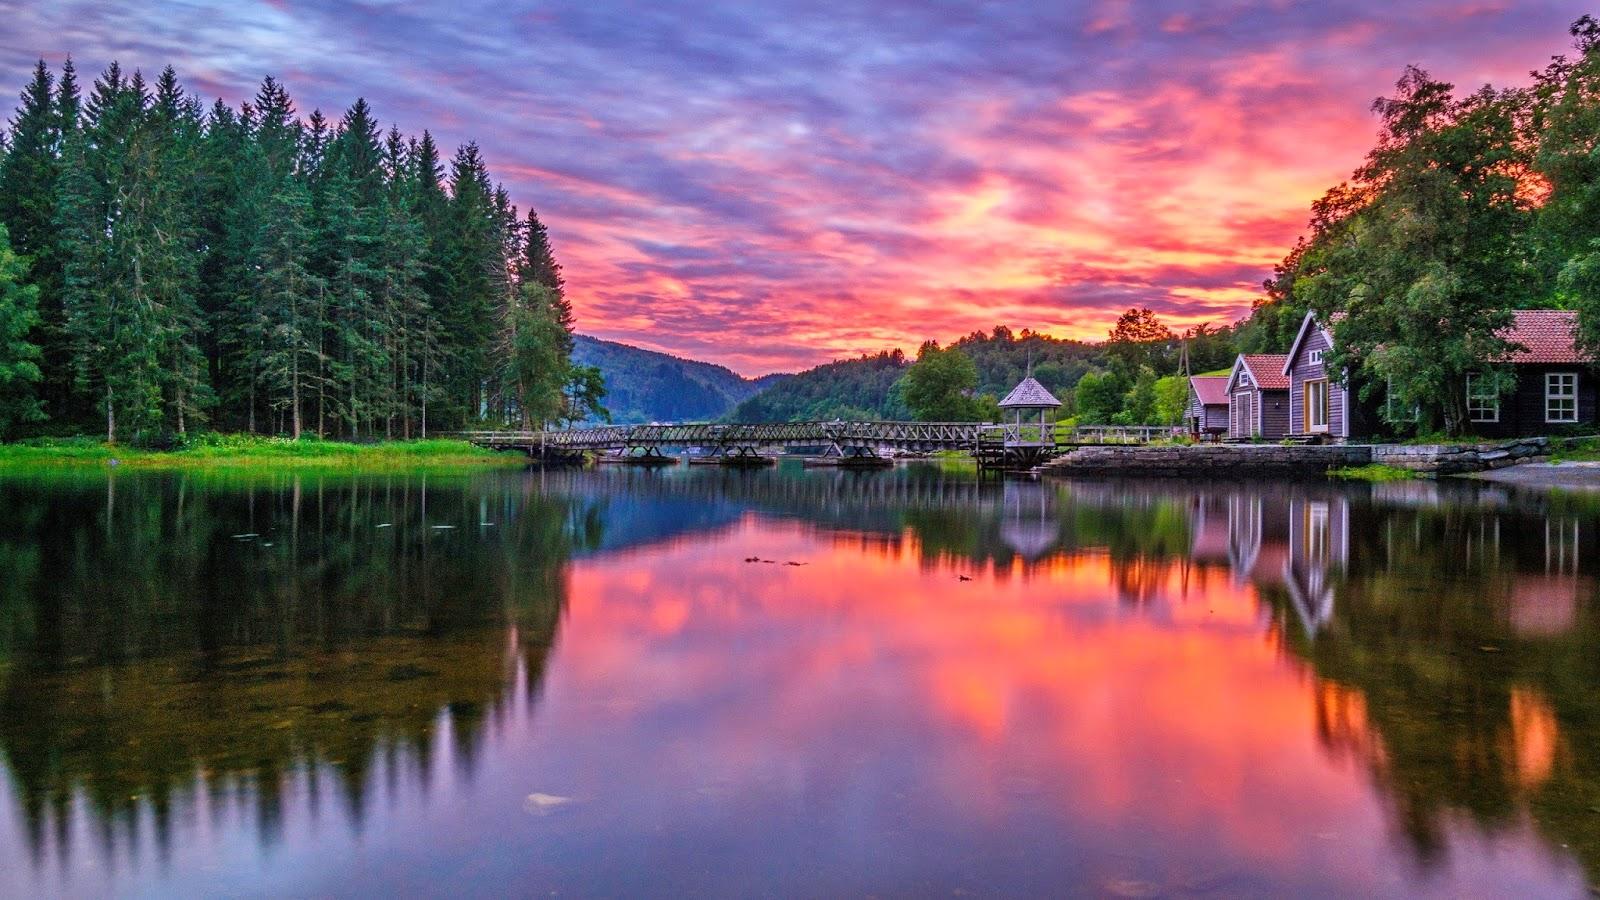 بالصور اجمل الصور الطبيعية في العالم , اماكن ساحره 5416 5